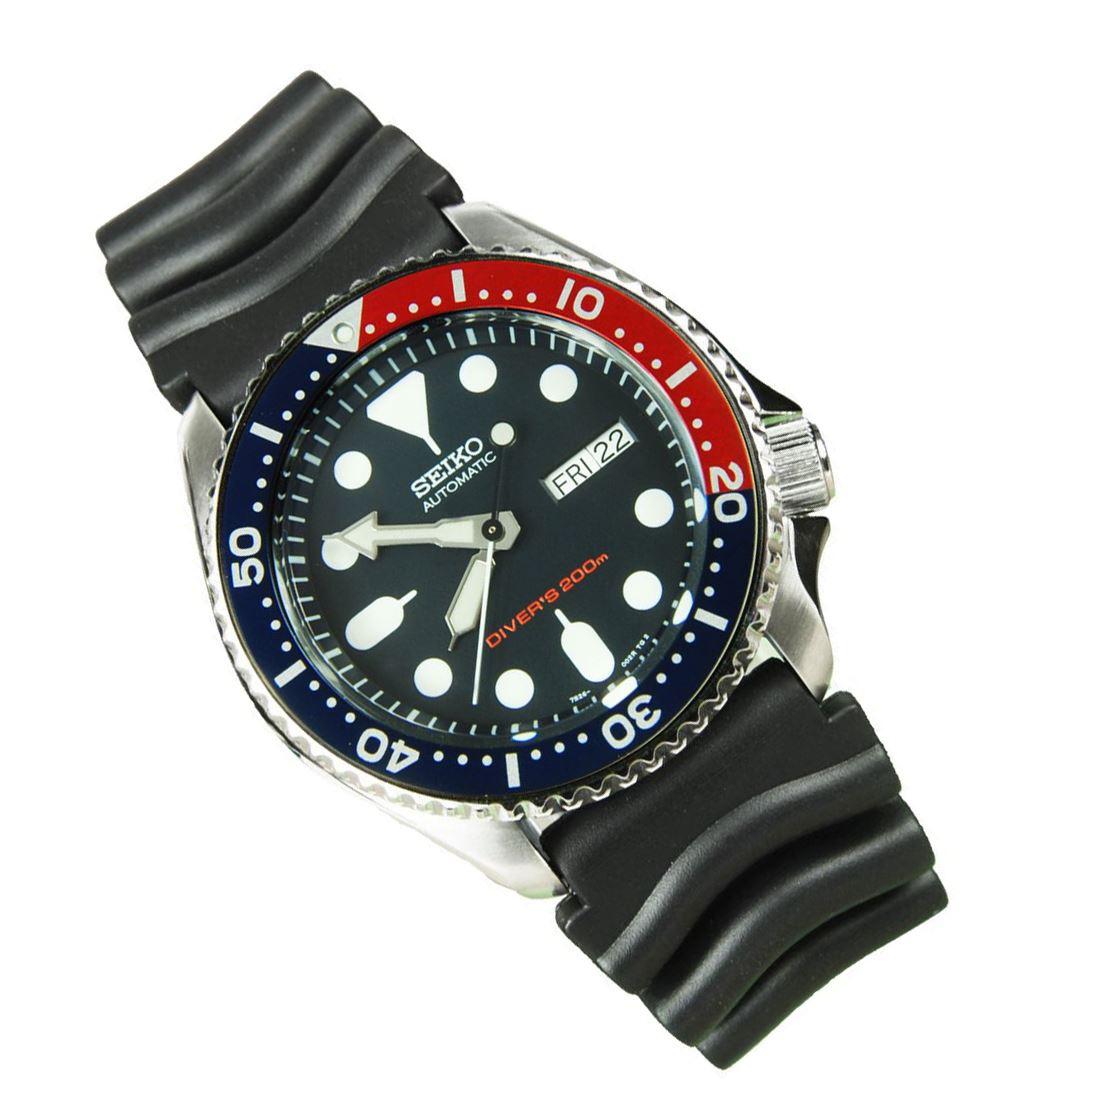 TOP-SELLING-Seiko-SKX009-SKX009J1-SKX009J2-SKX009K1-SKX009K2-Pepsi-Dive-Watch thumbnail 21